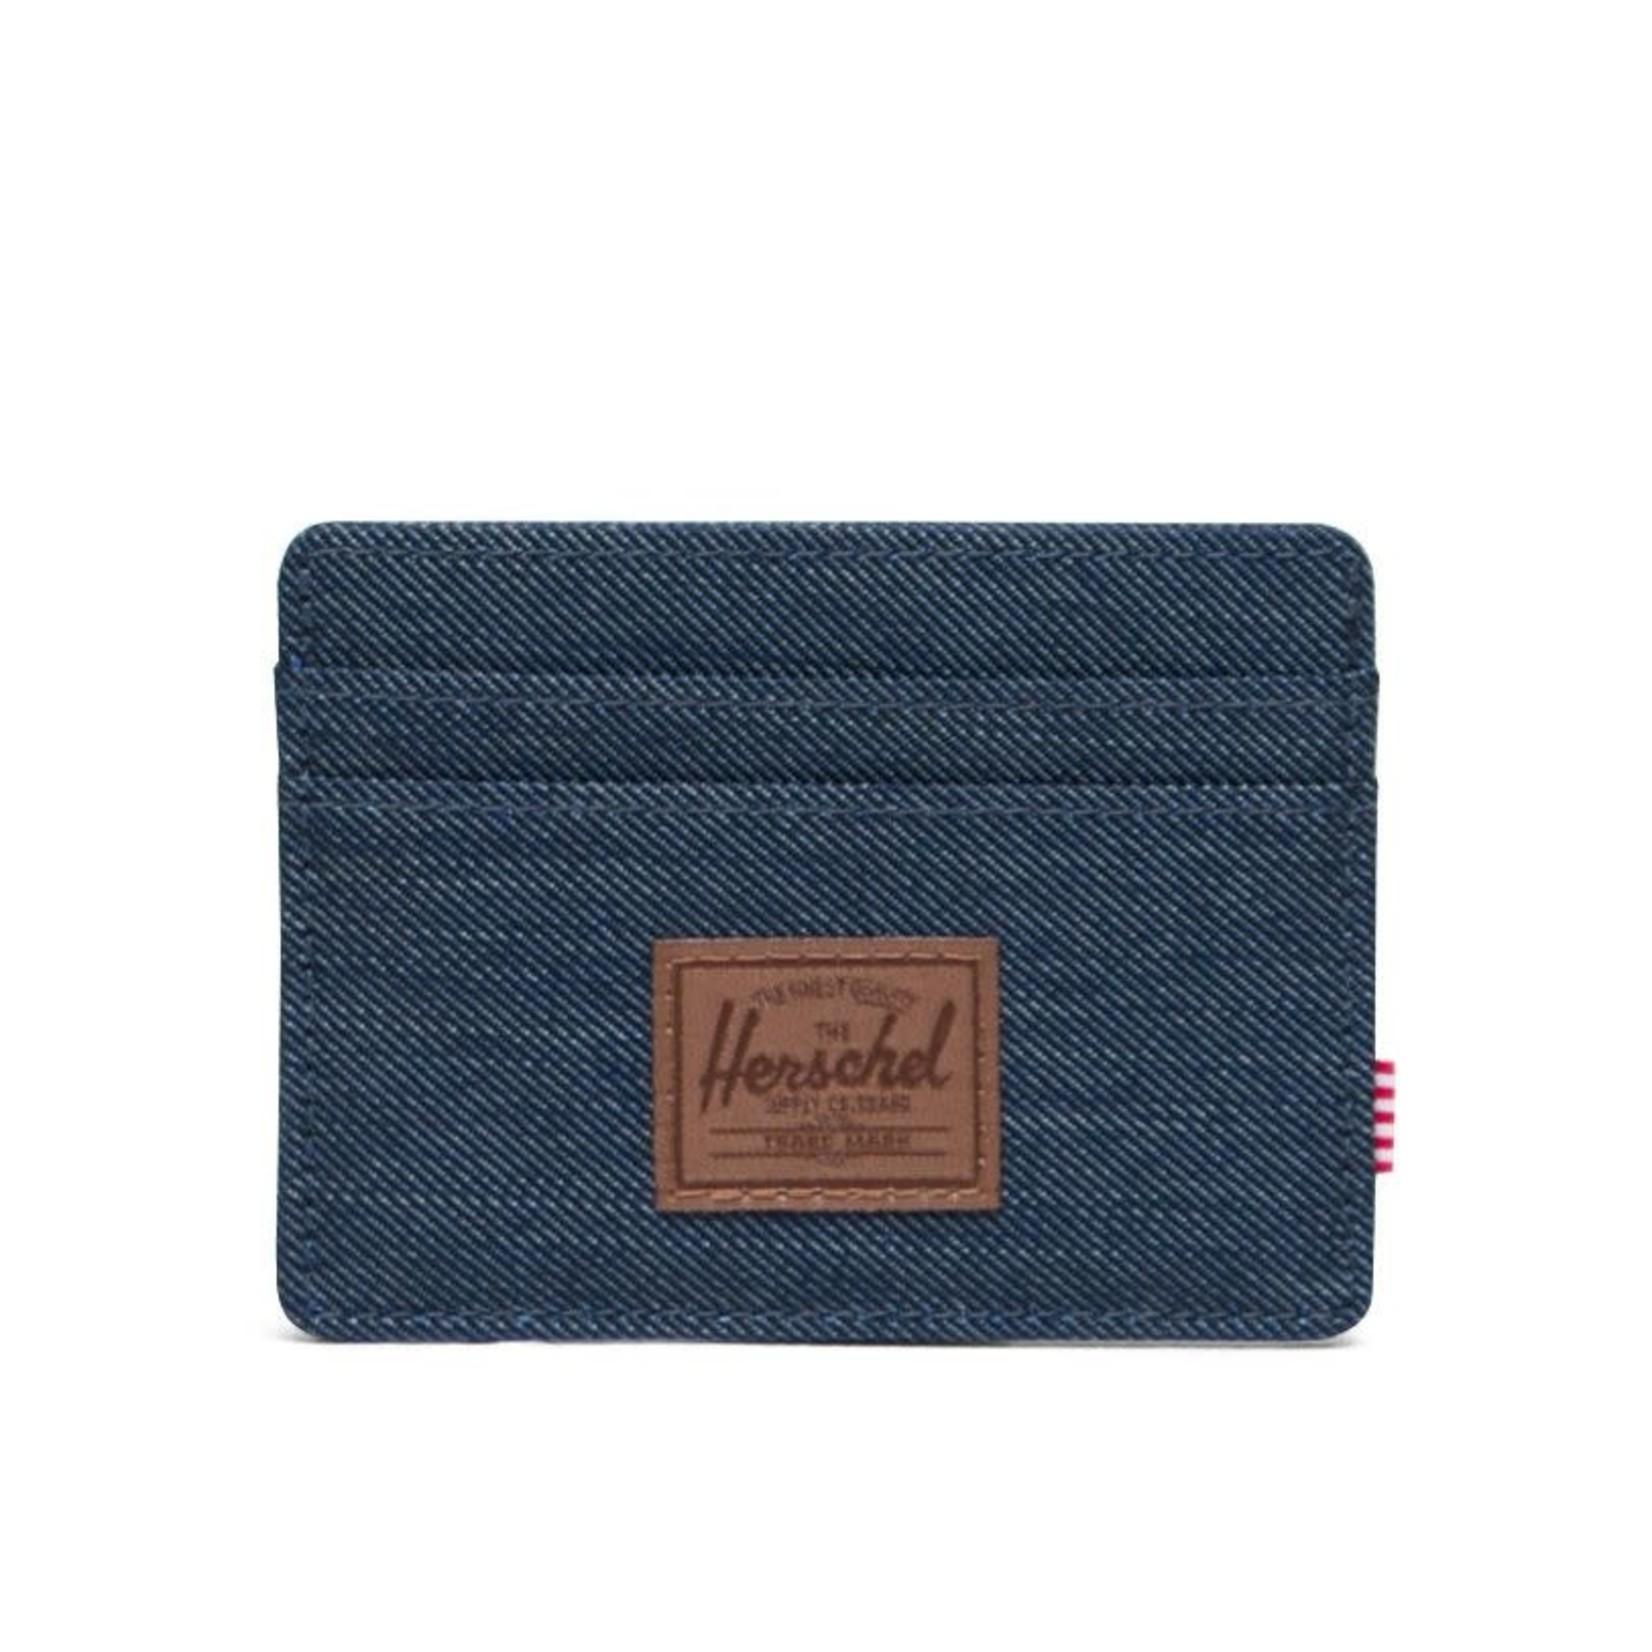 Herschel Herschel : Charlie + 600D Poly Wallet Indigo Denim Crosshatch/Saddle Brown O/S